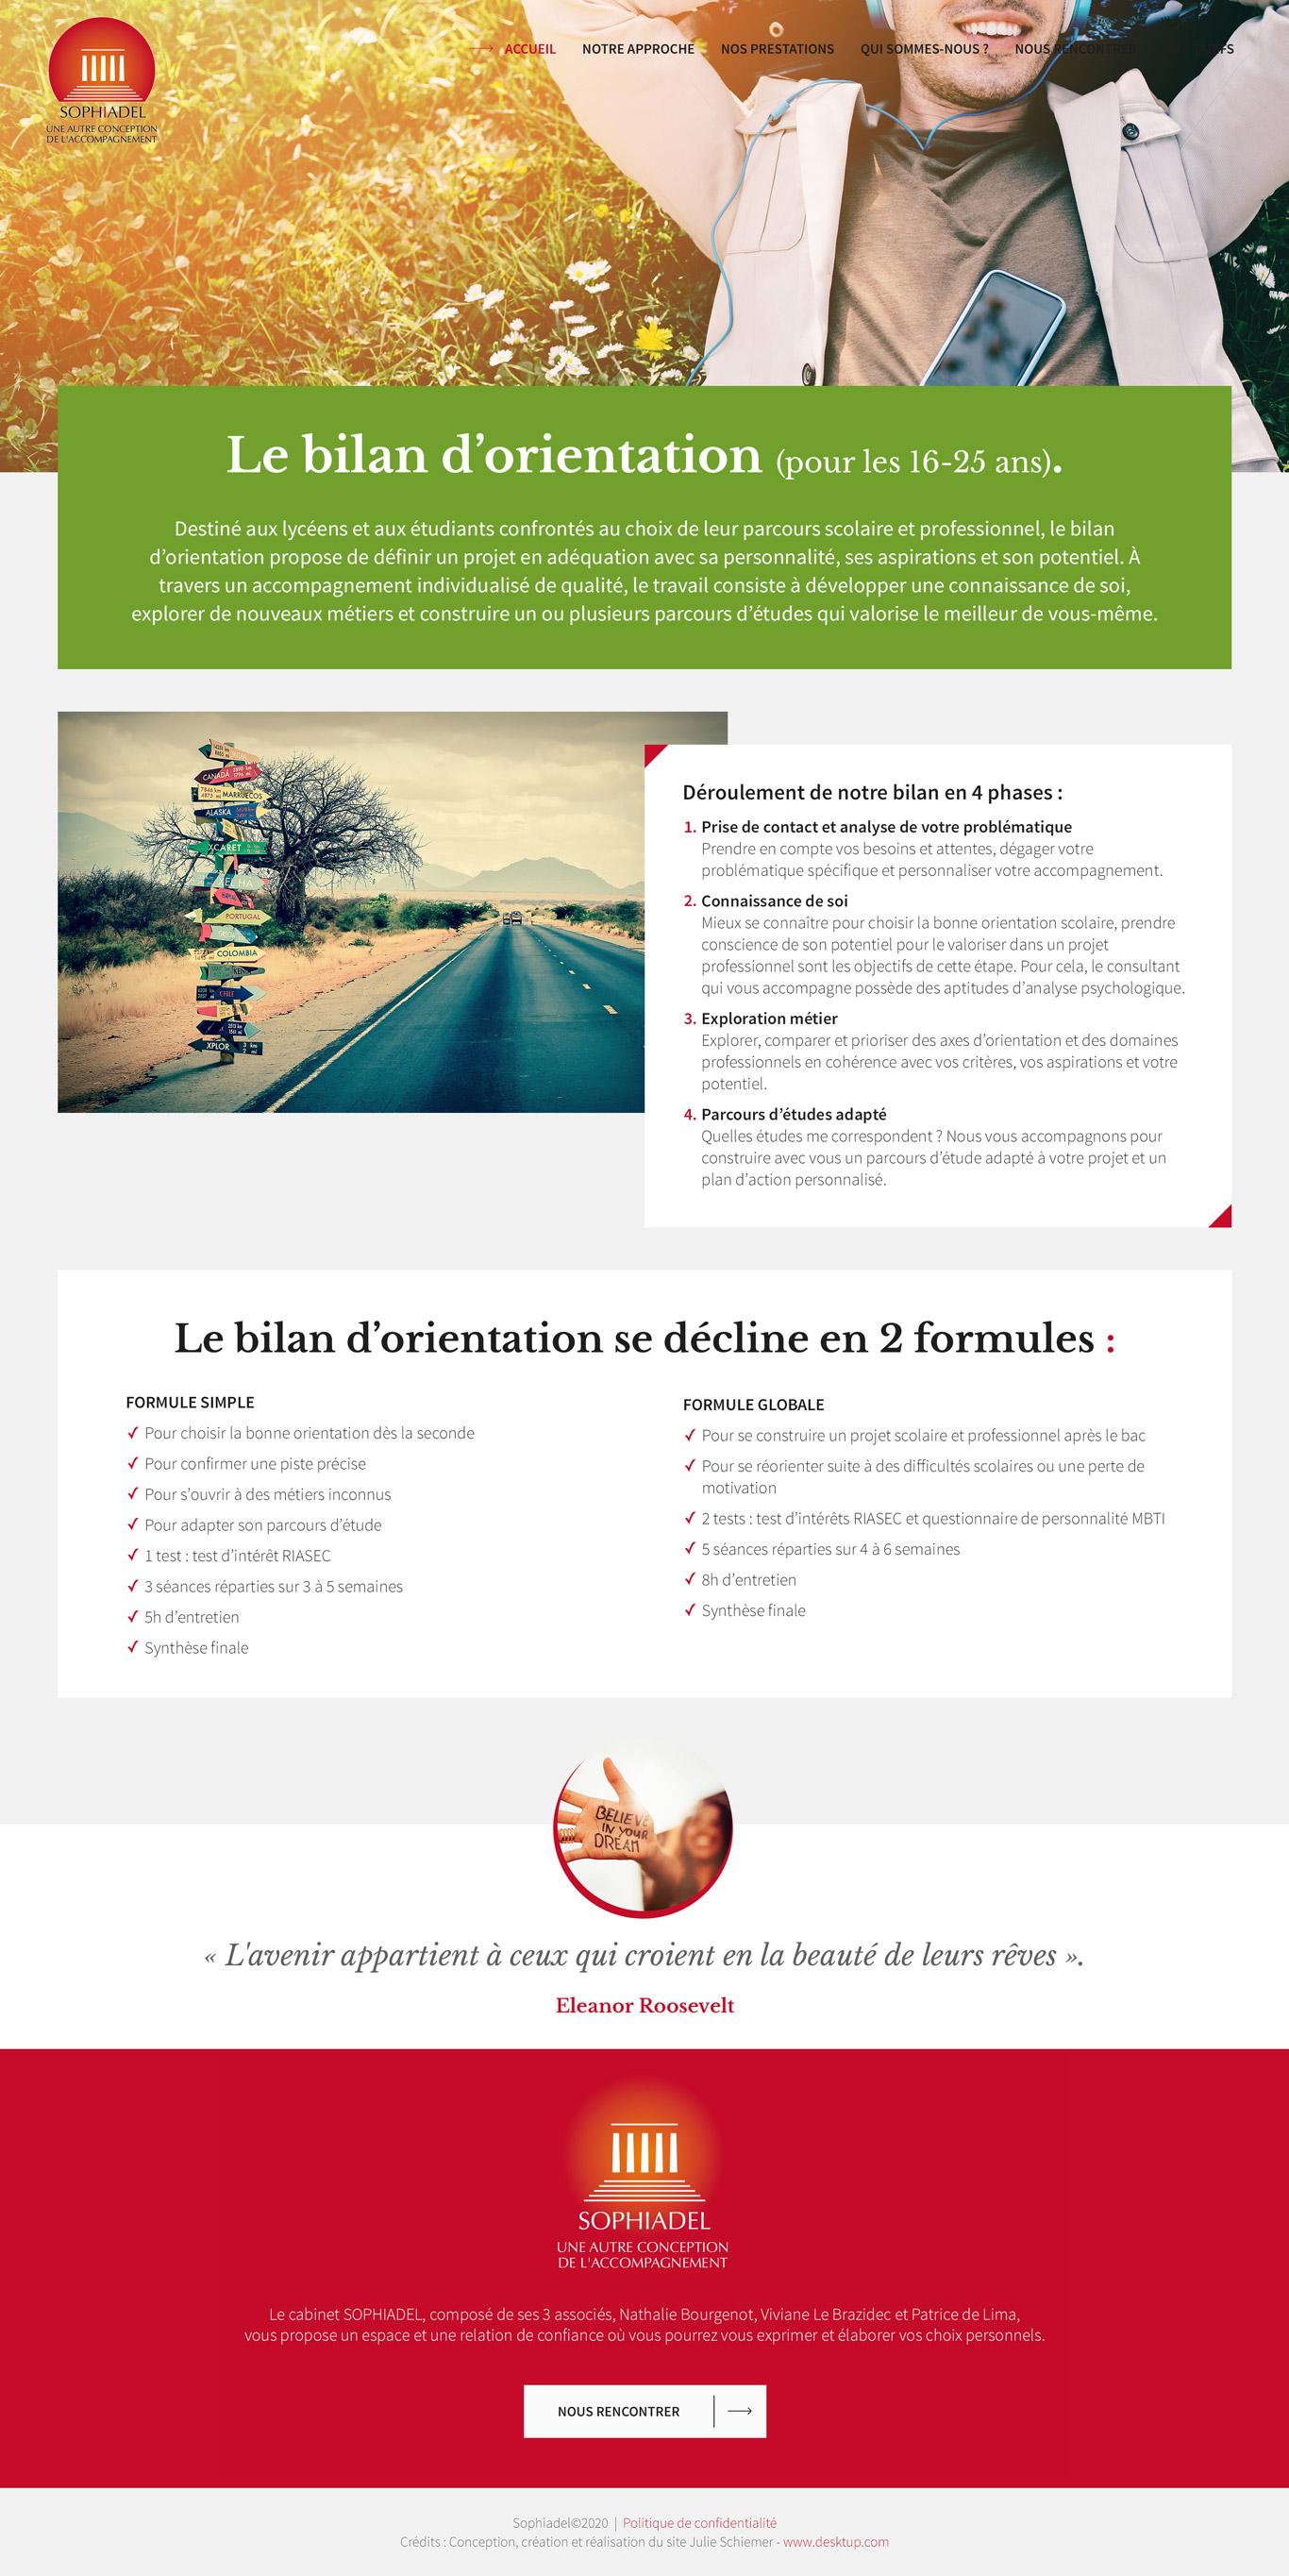 Sophiadel-Site-Img8